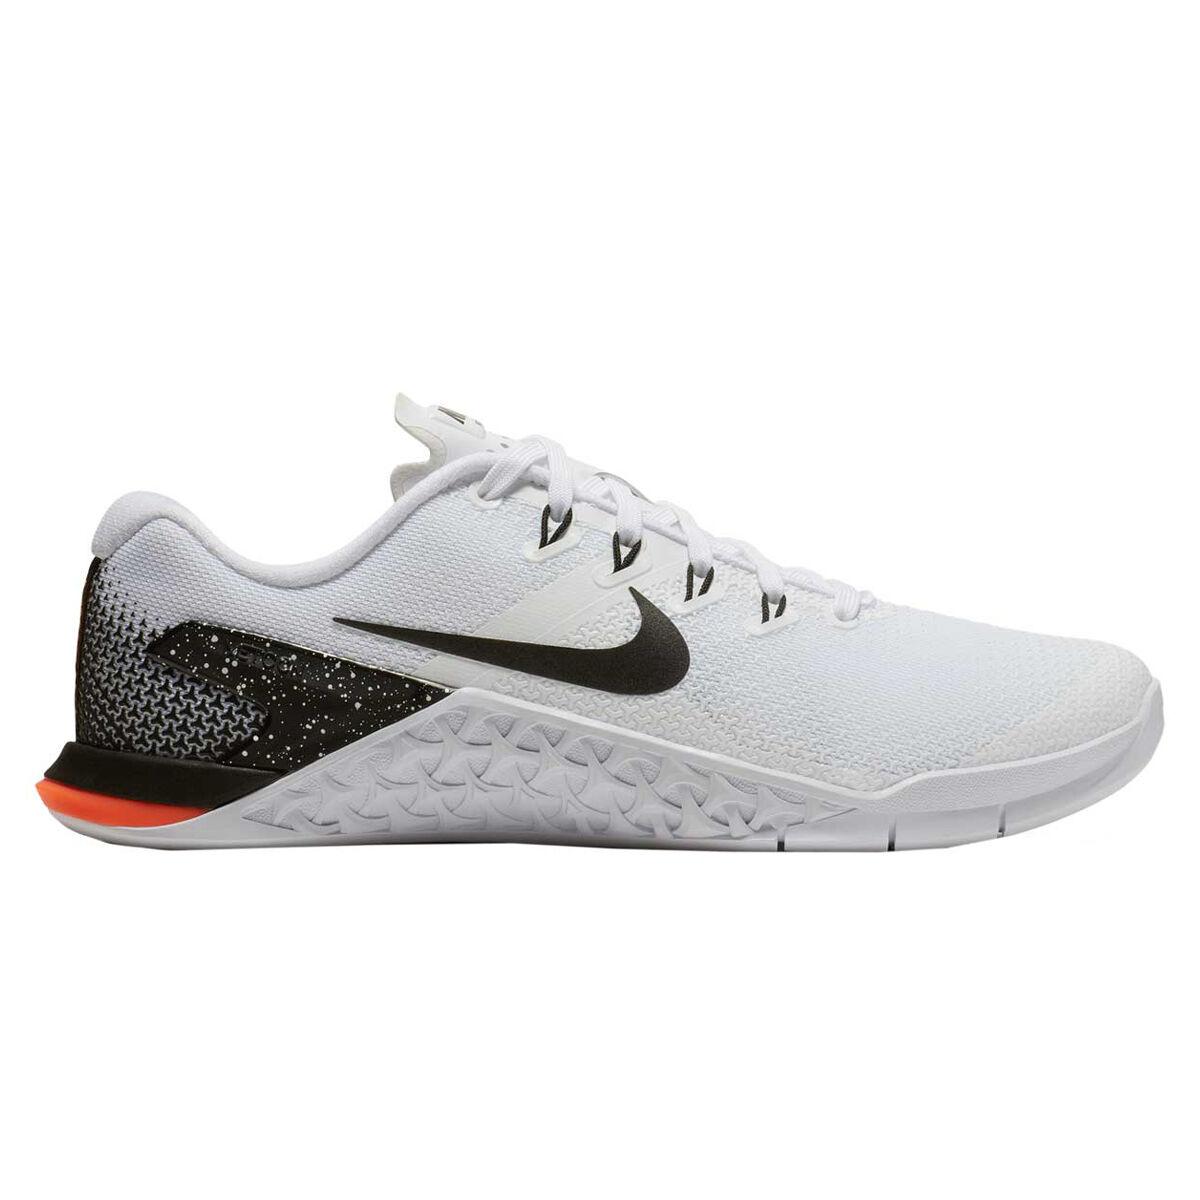 Nike Shoes Us Training 9 Sport Rebel Womens 4 White Metcon Black qxFIrnq1